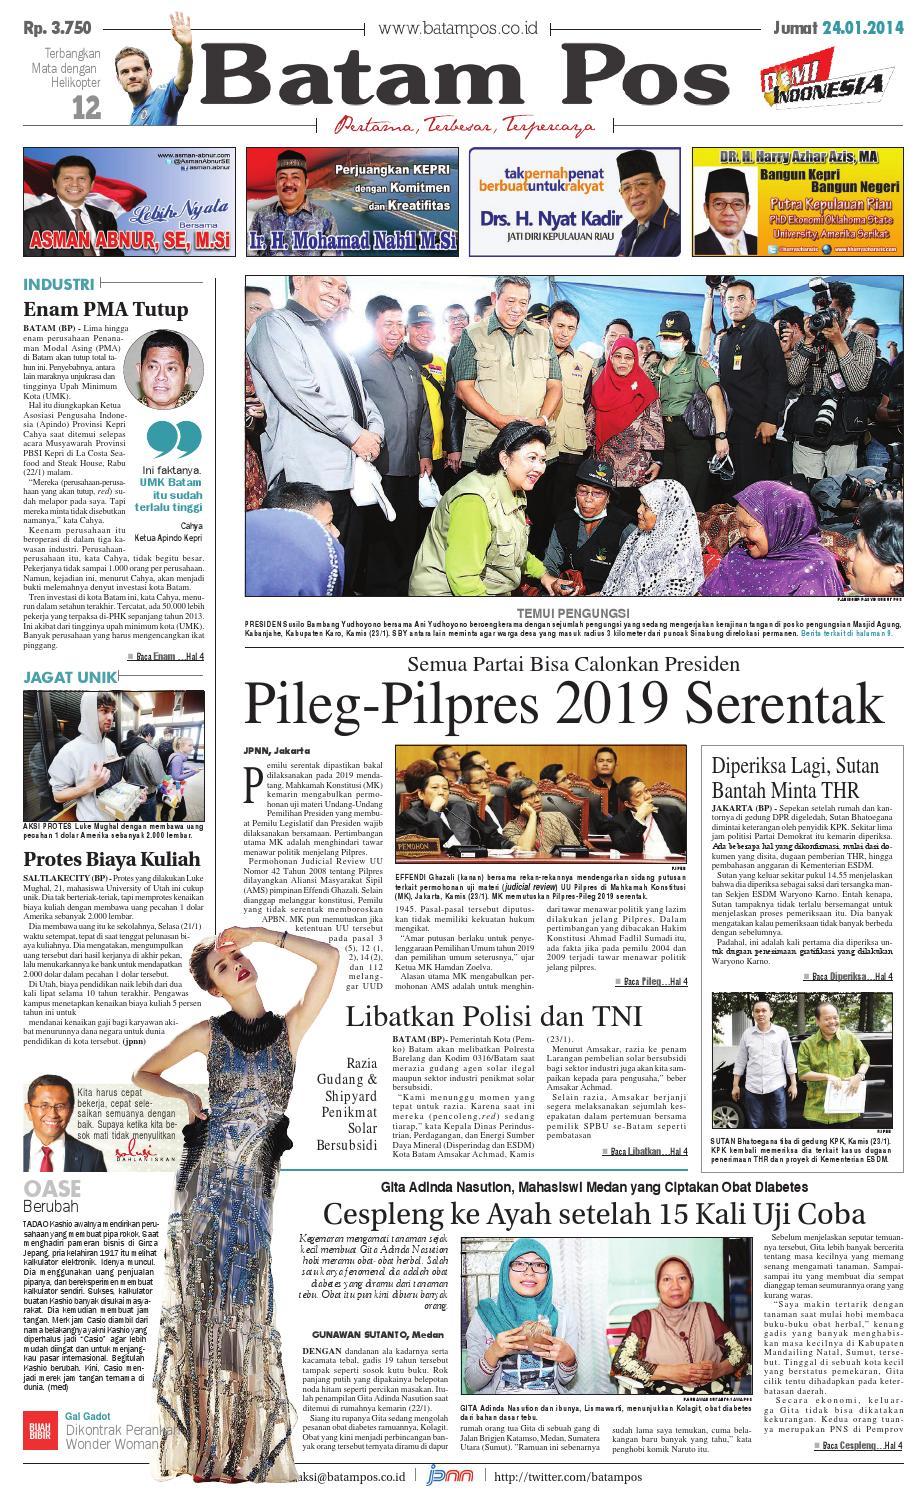 7 Maret 2014 By Batampos Newspaper Issuu Rejeki Anak Soleh Mamypoko Standar M34 24 Januari